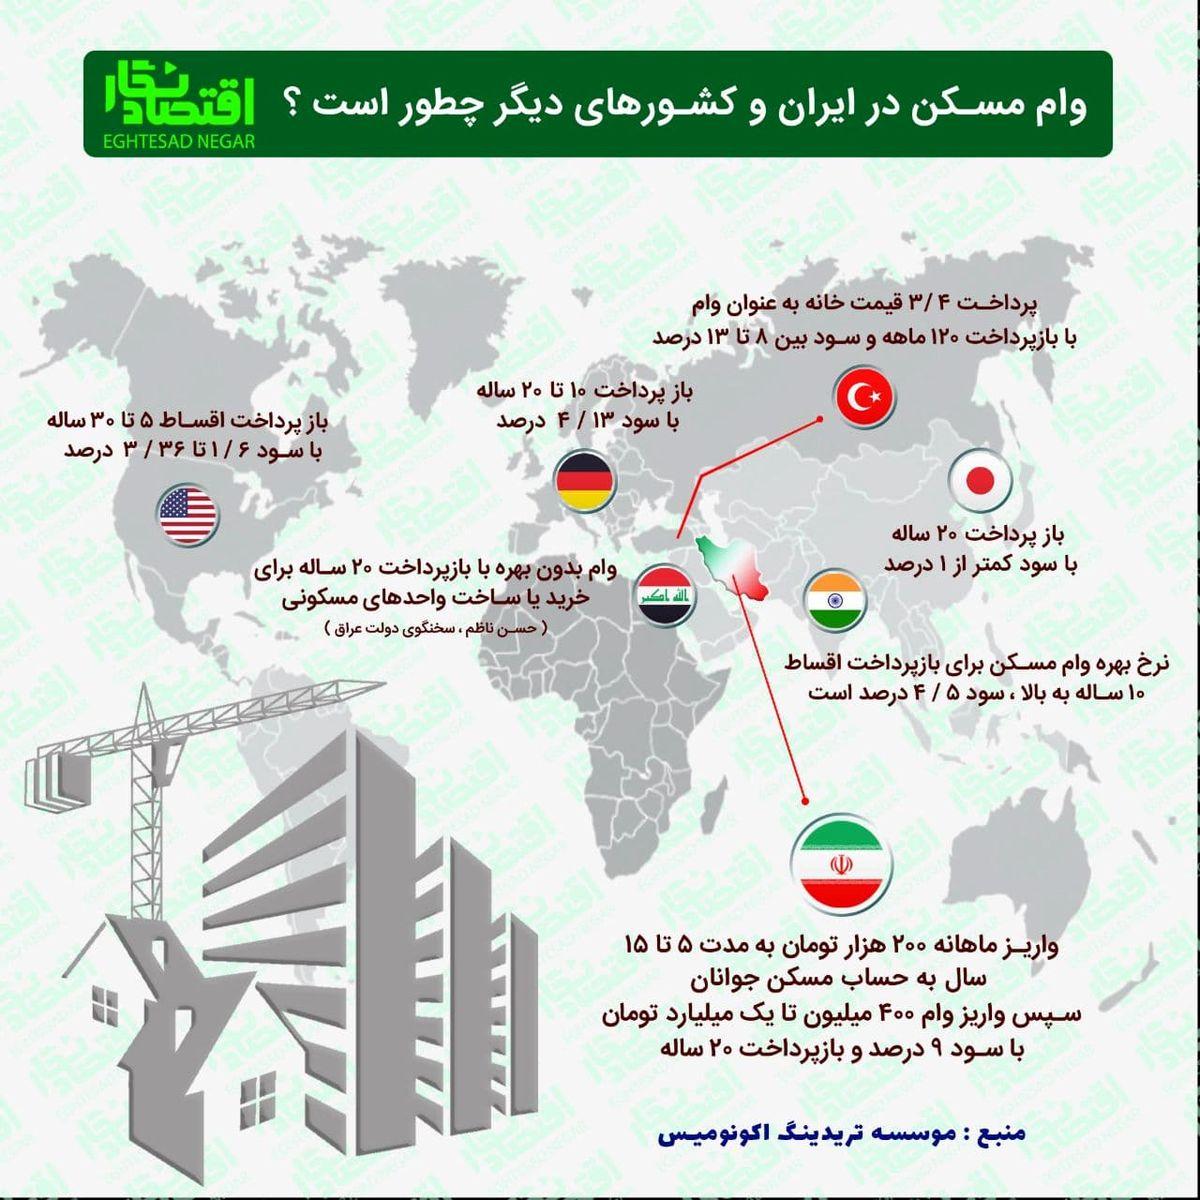 وام مسکن در ایران و کشورهای دیگر چگونه است؟+عکس